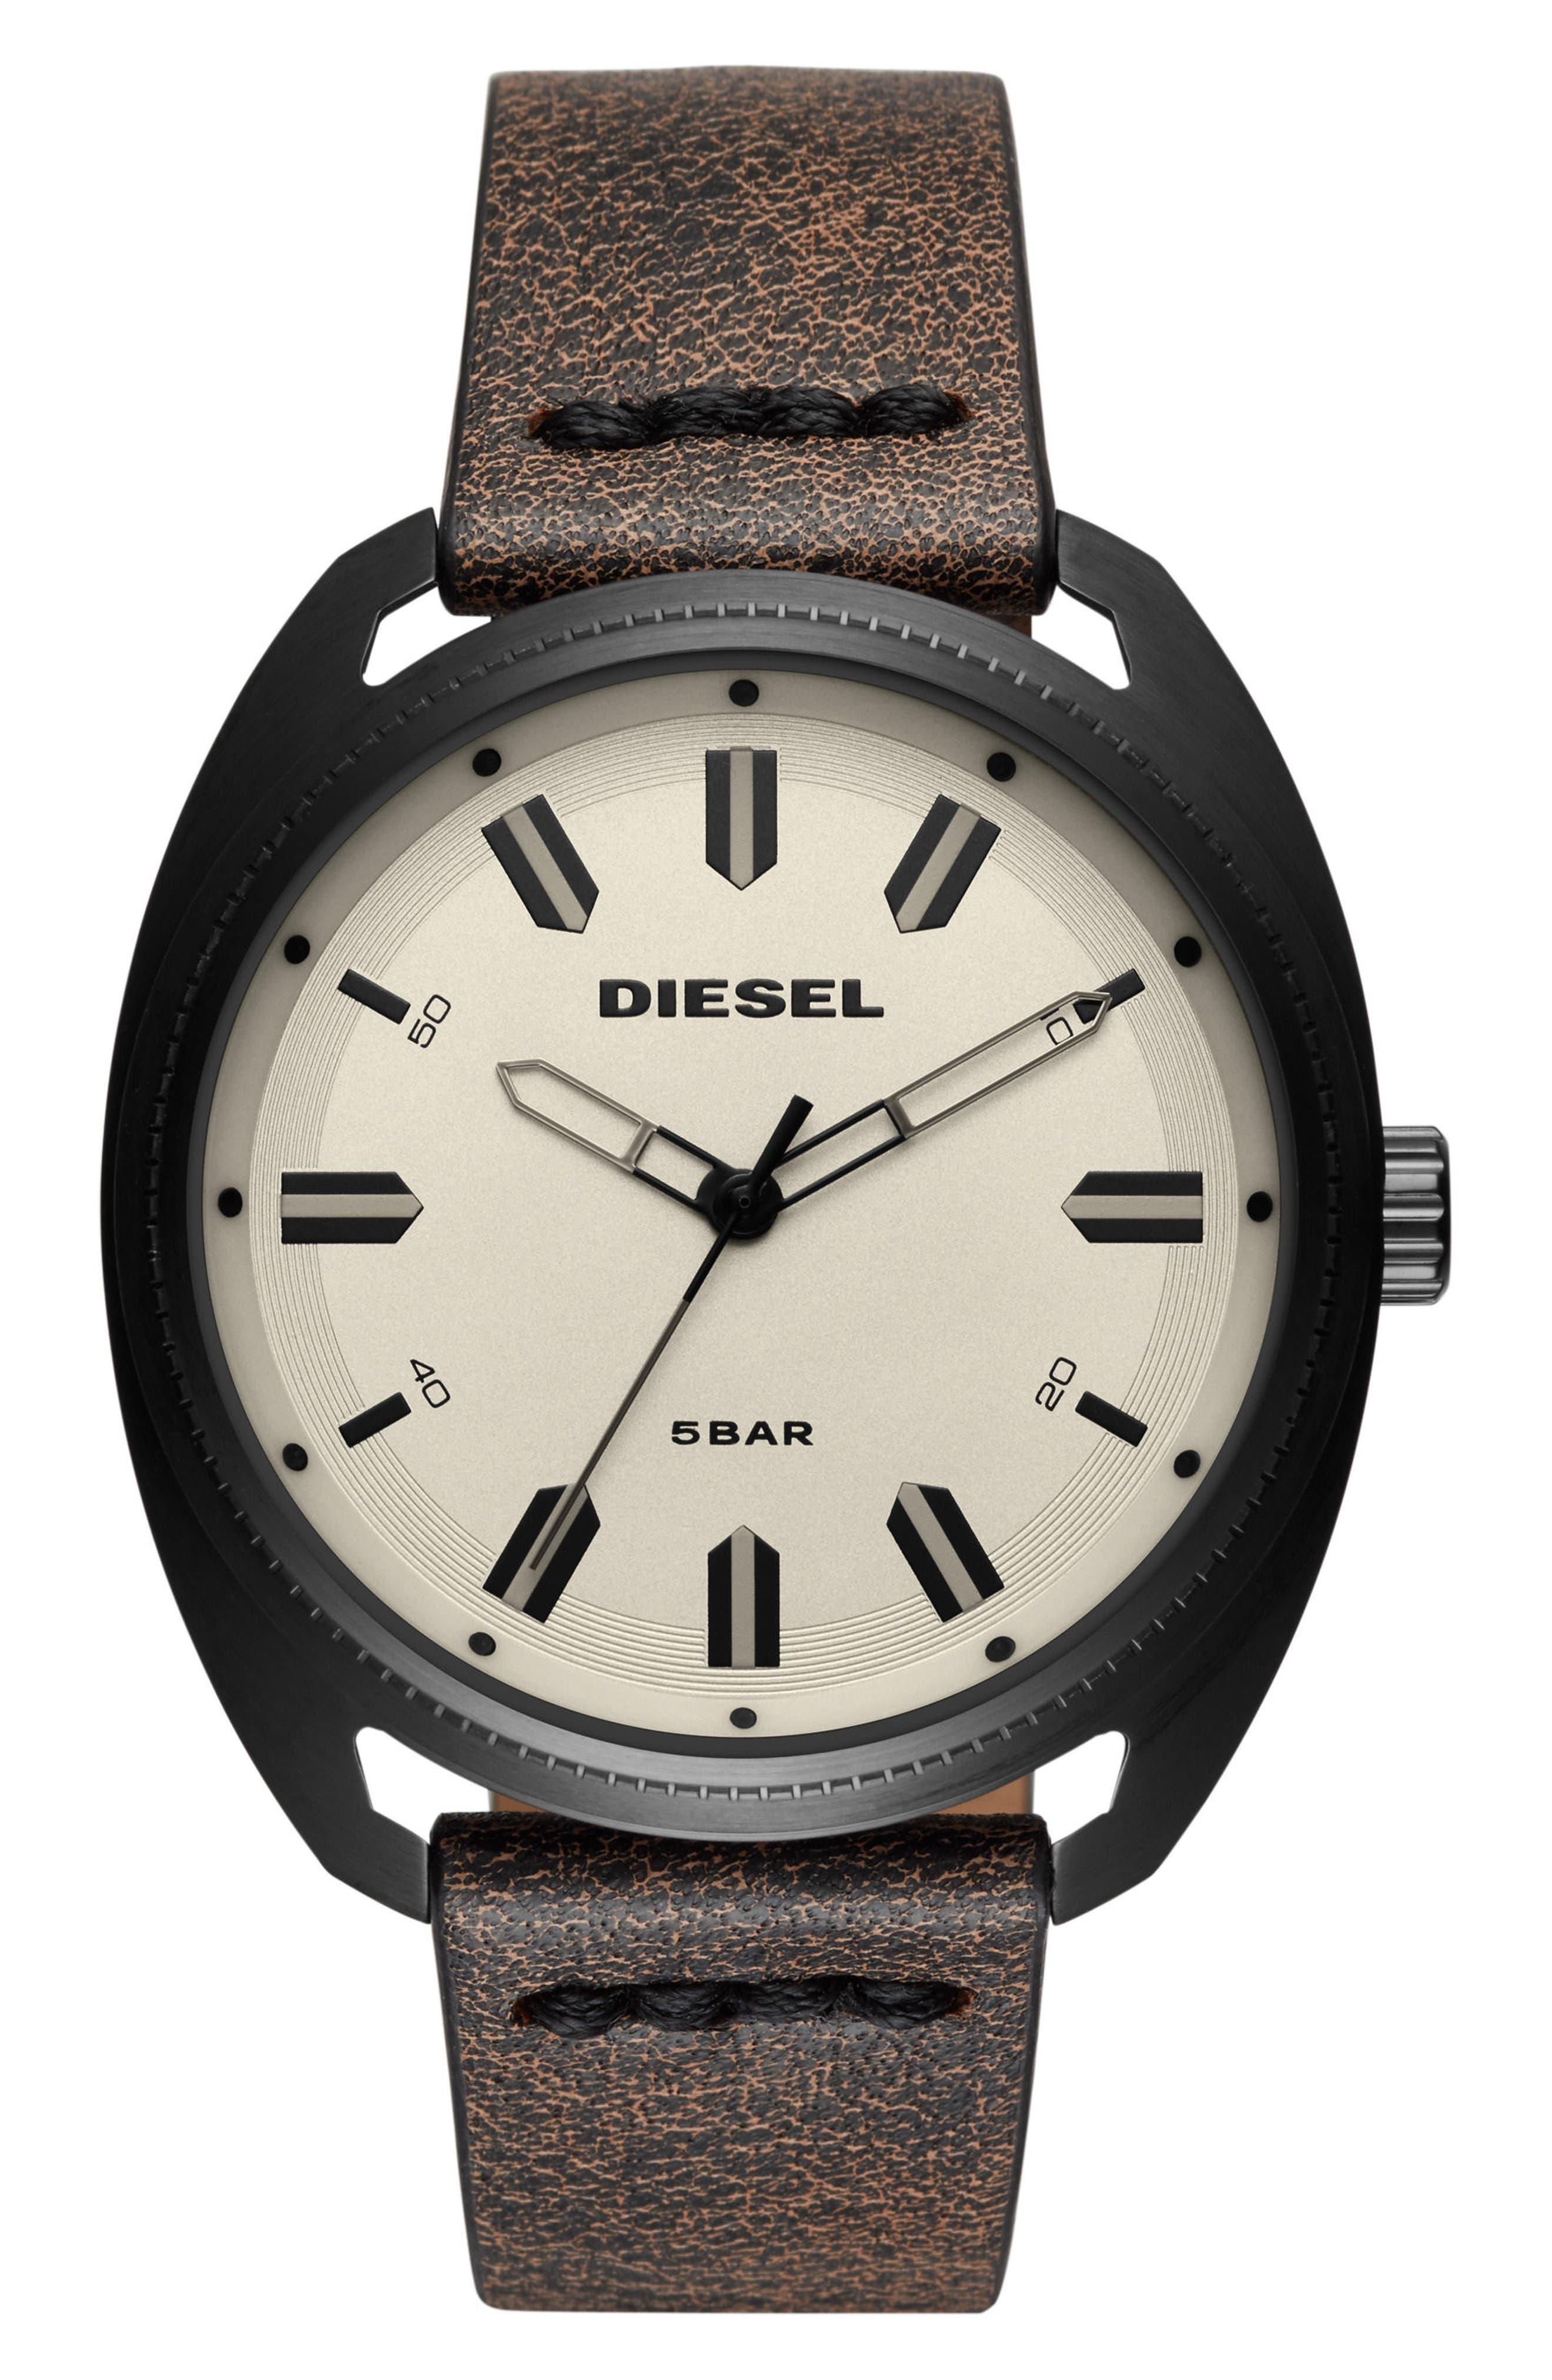 DIESEL® Fastbak Leather Strap Watch, 45mm x 51mm